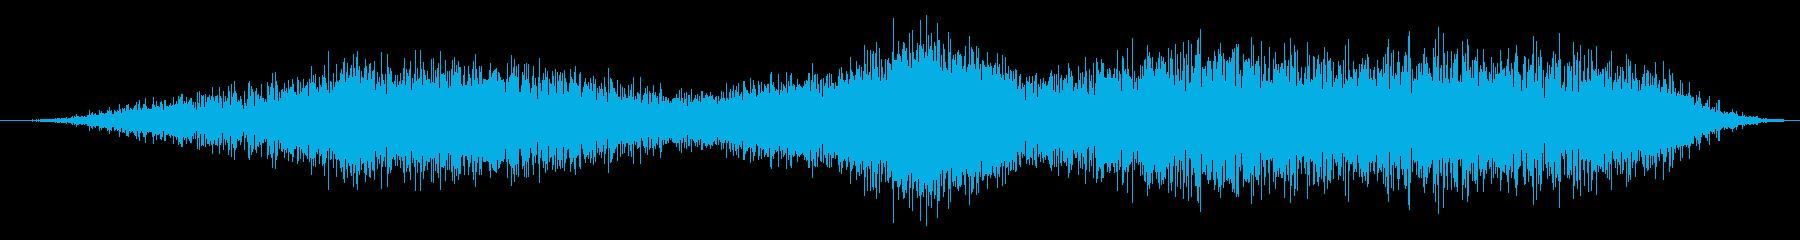 焼きつばめの再生済みの波形